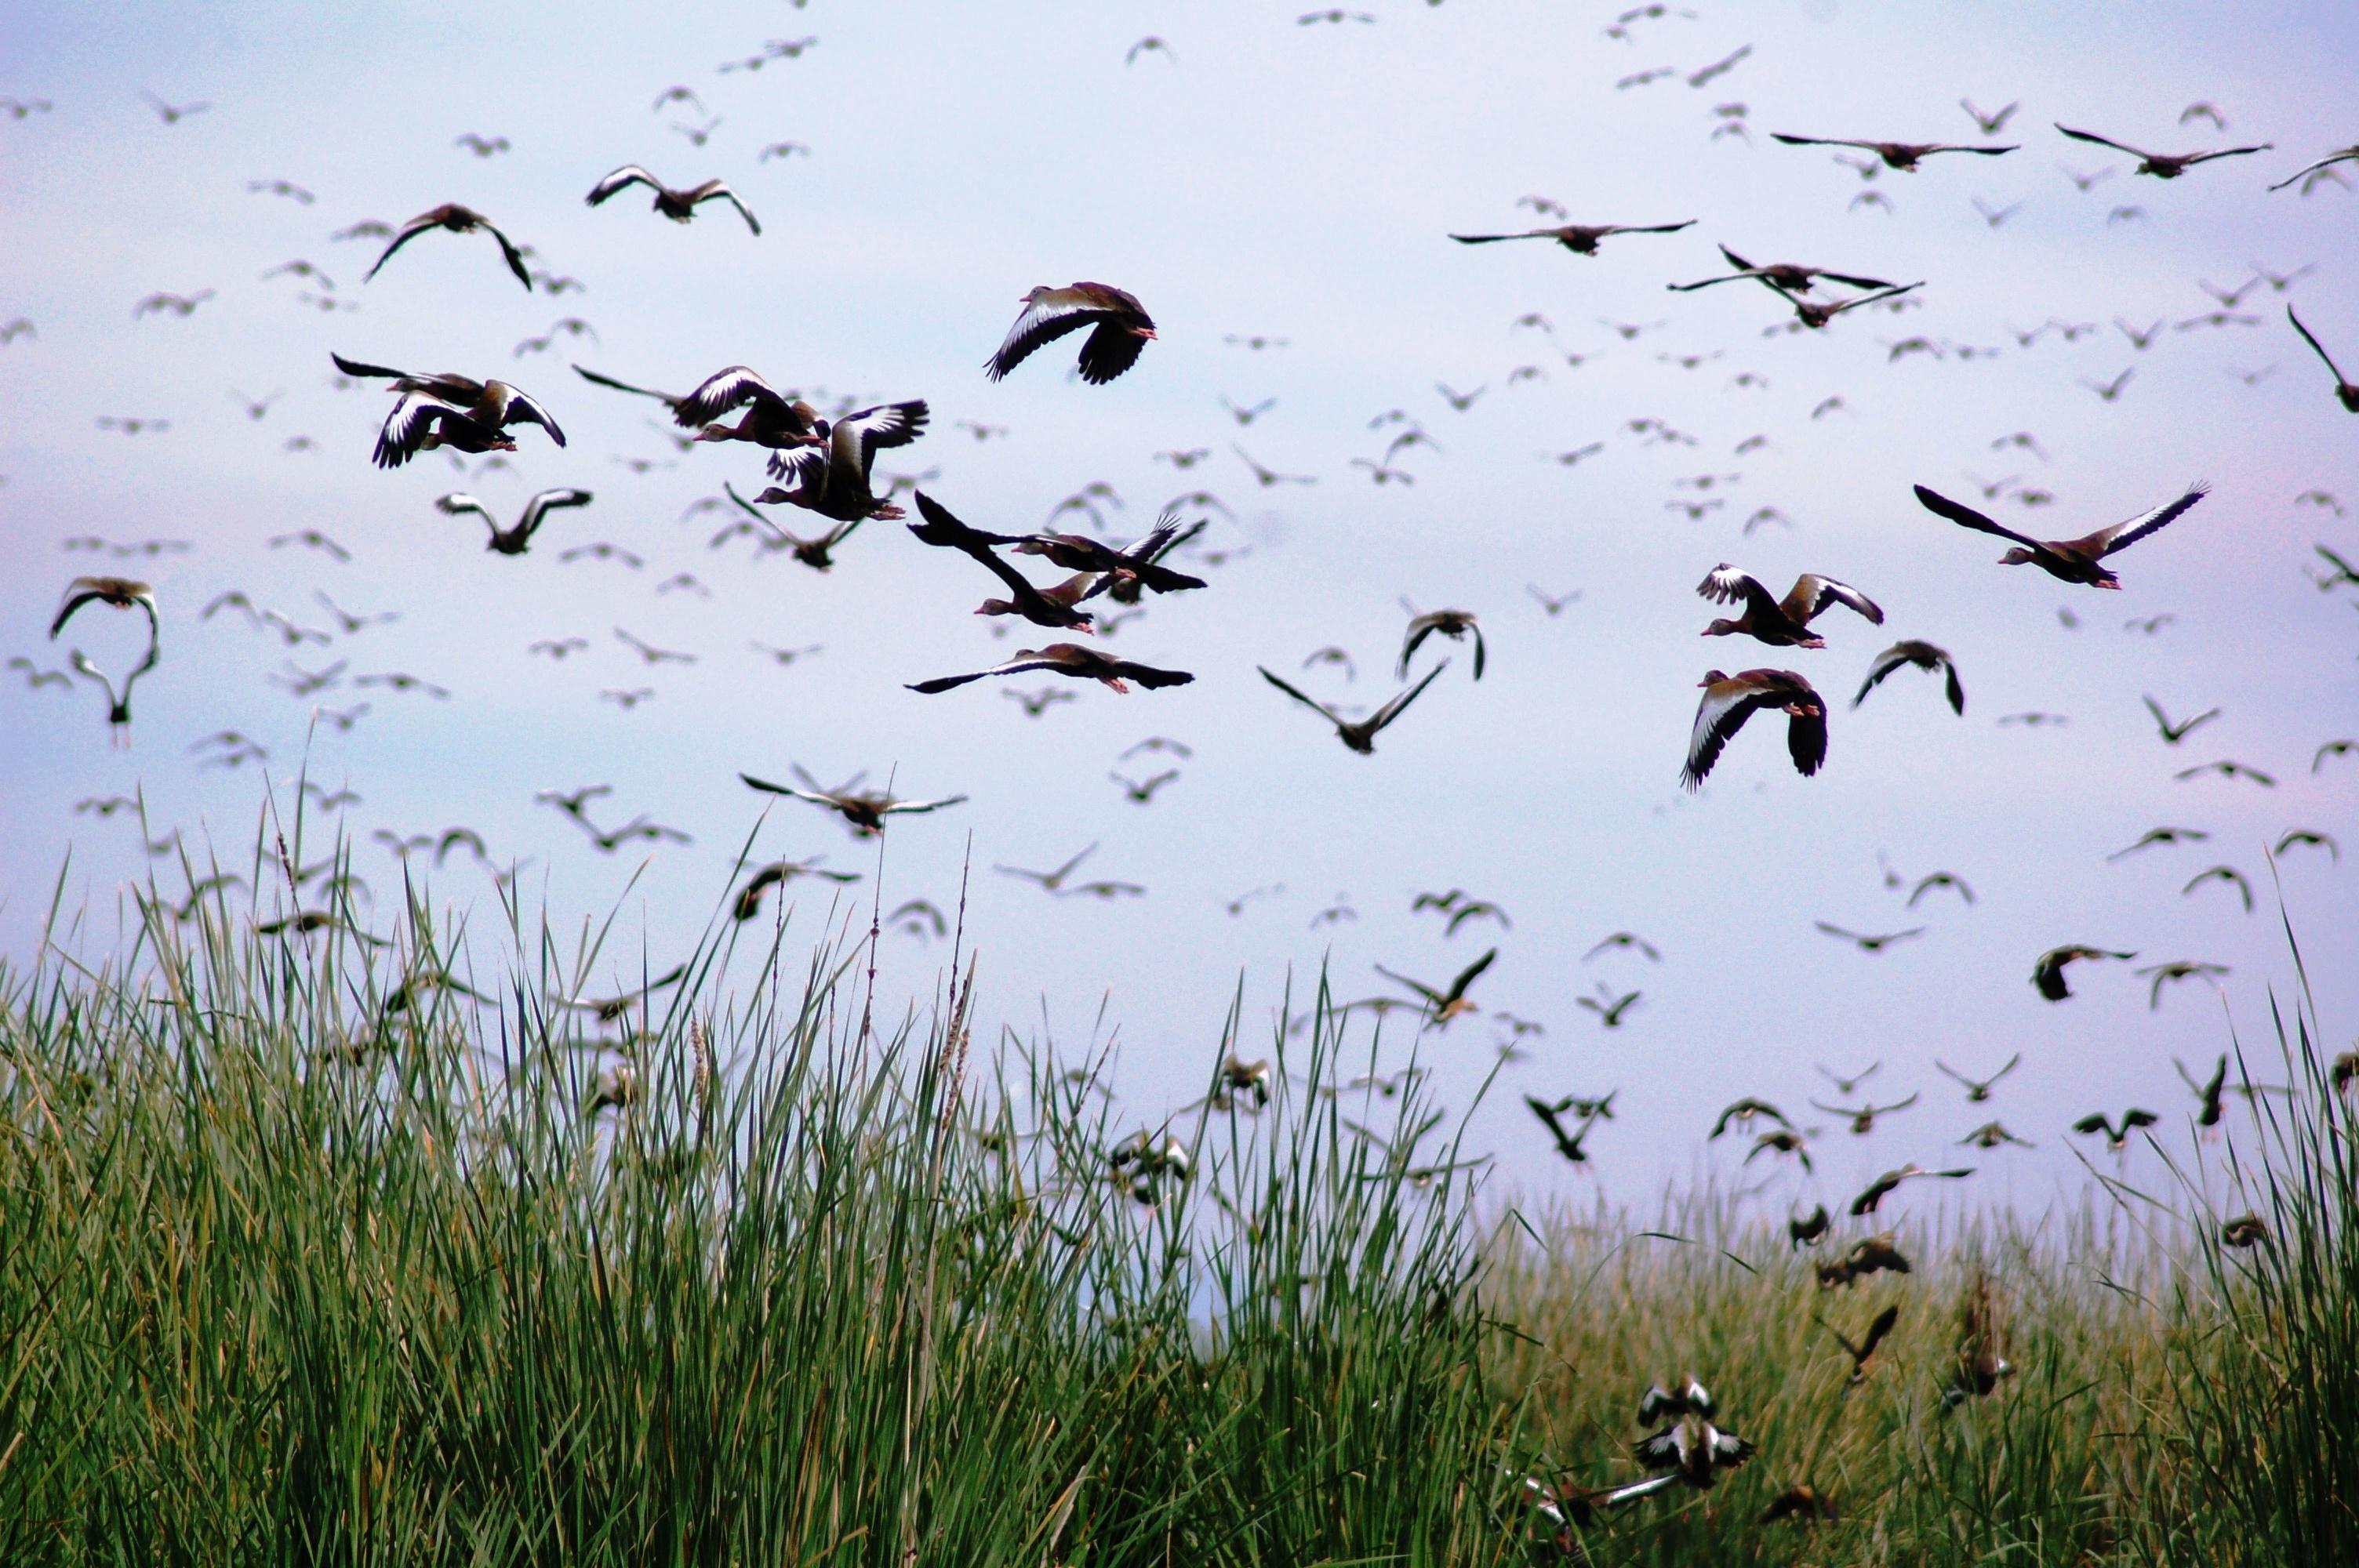 Pichiguila Ducks